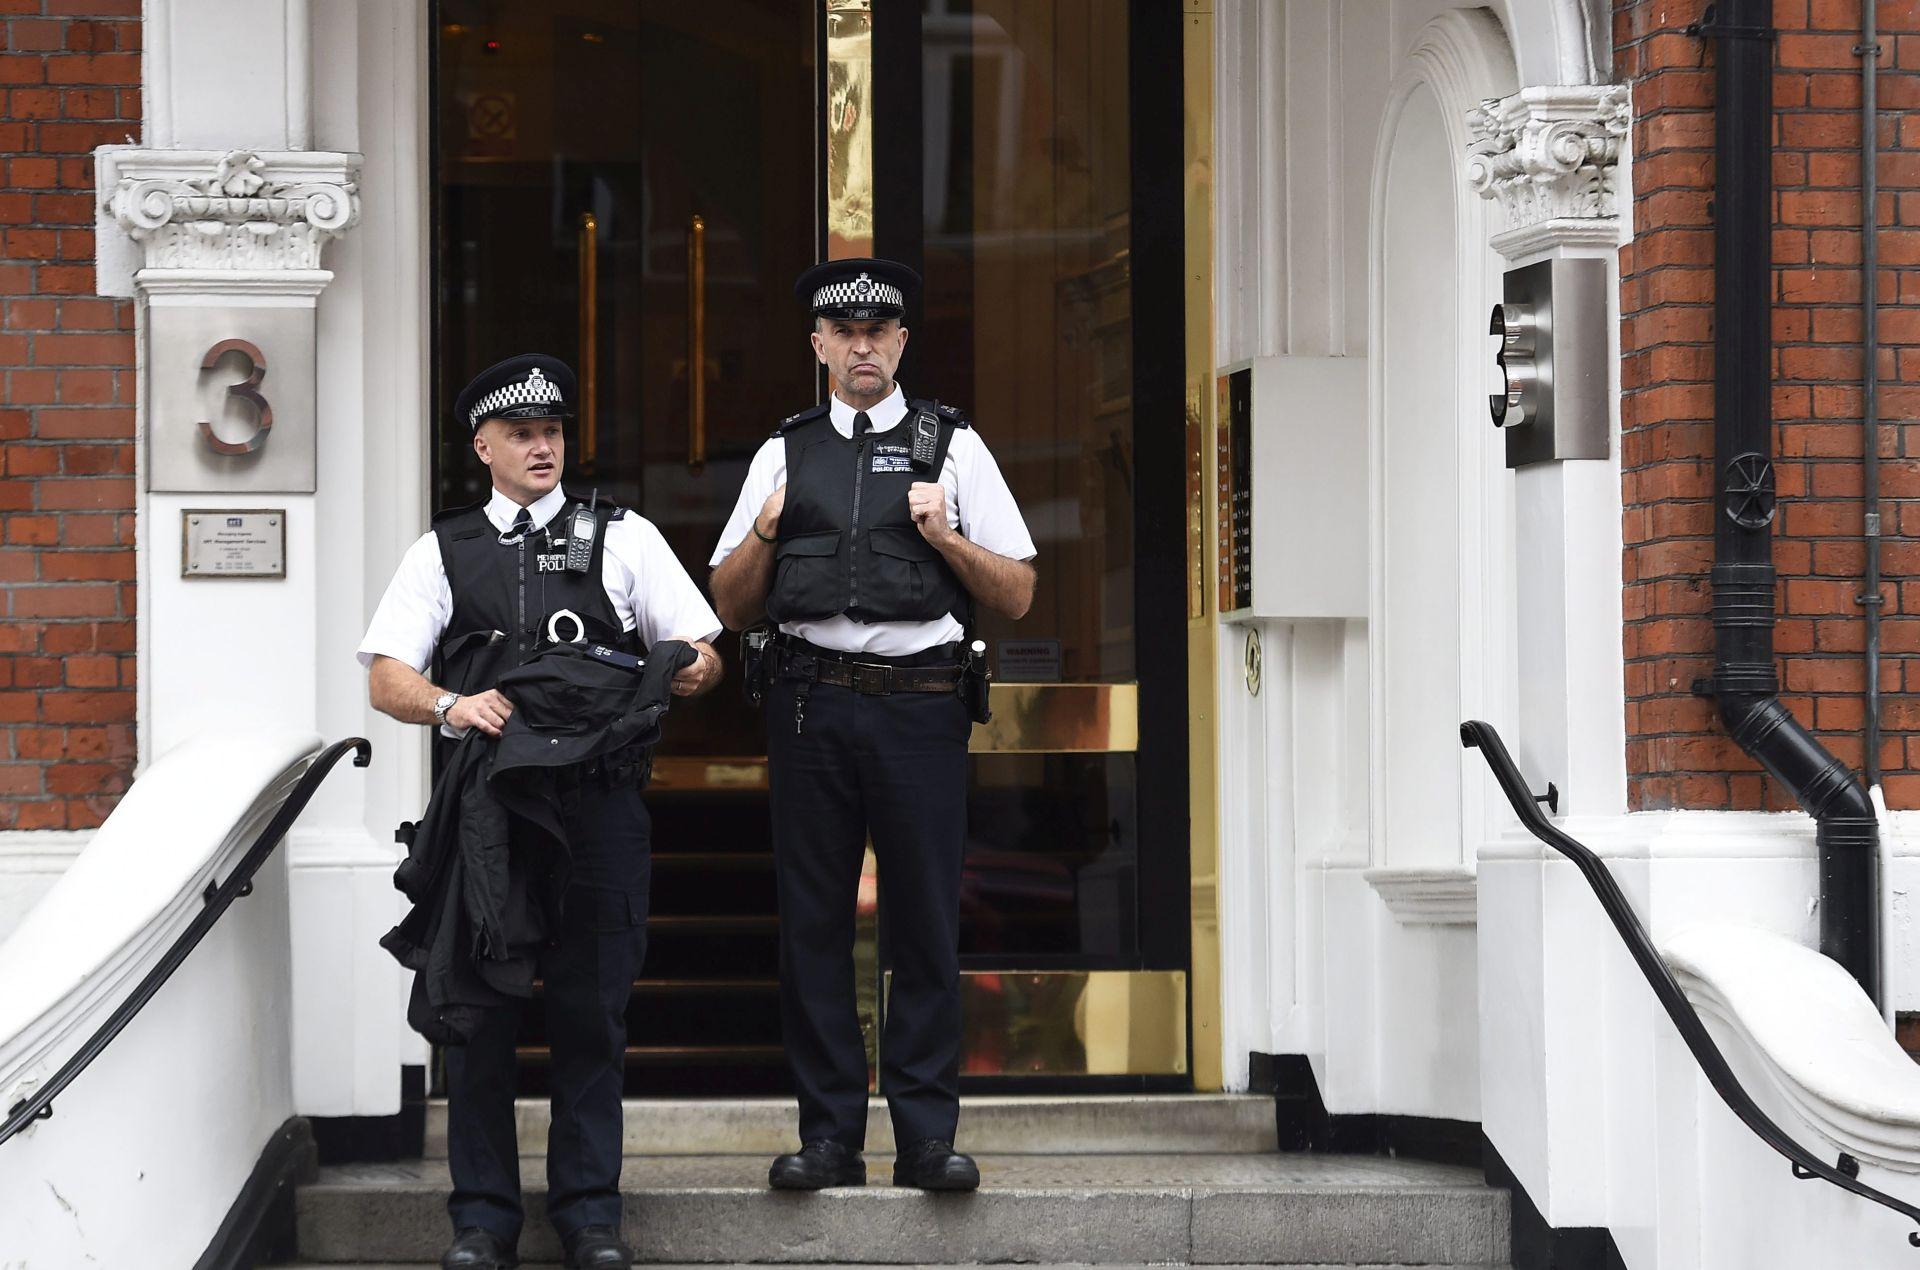 NEGIRA OPTUŽBE: Saslušanje Assangea 17. listopada u veleposlanstvu Ekvadora